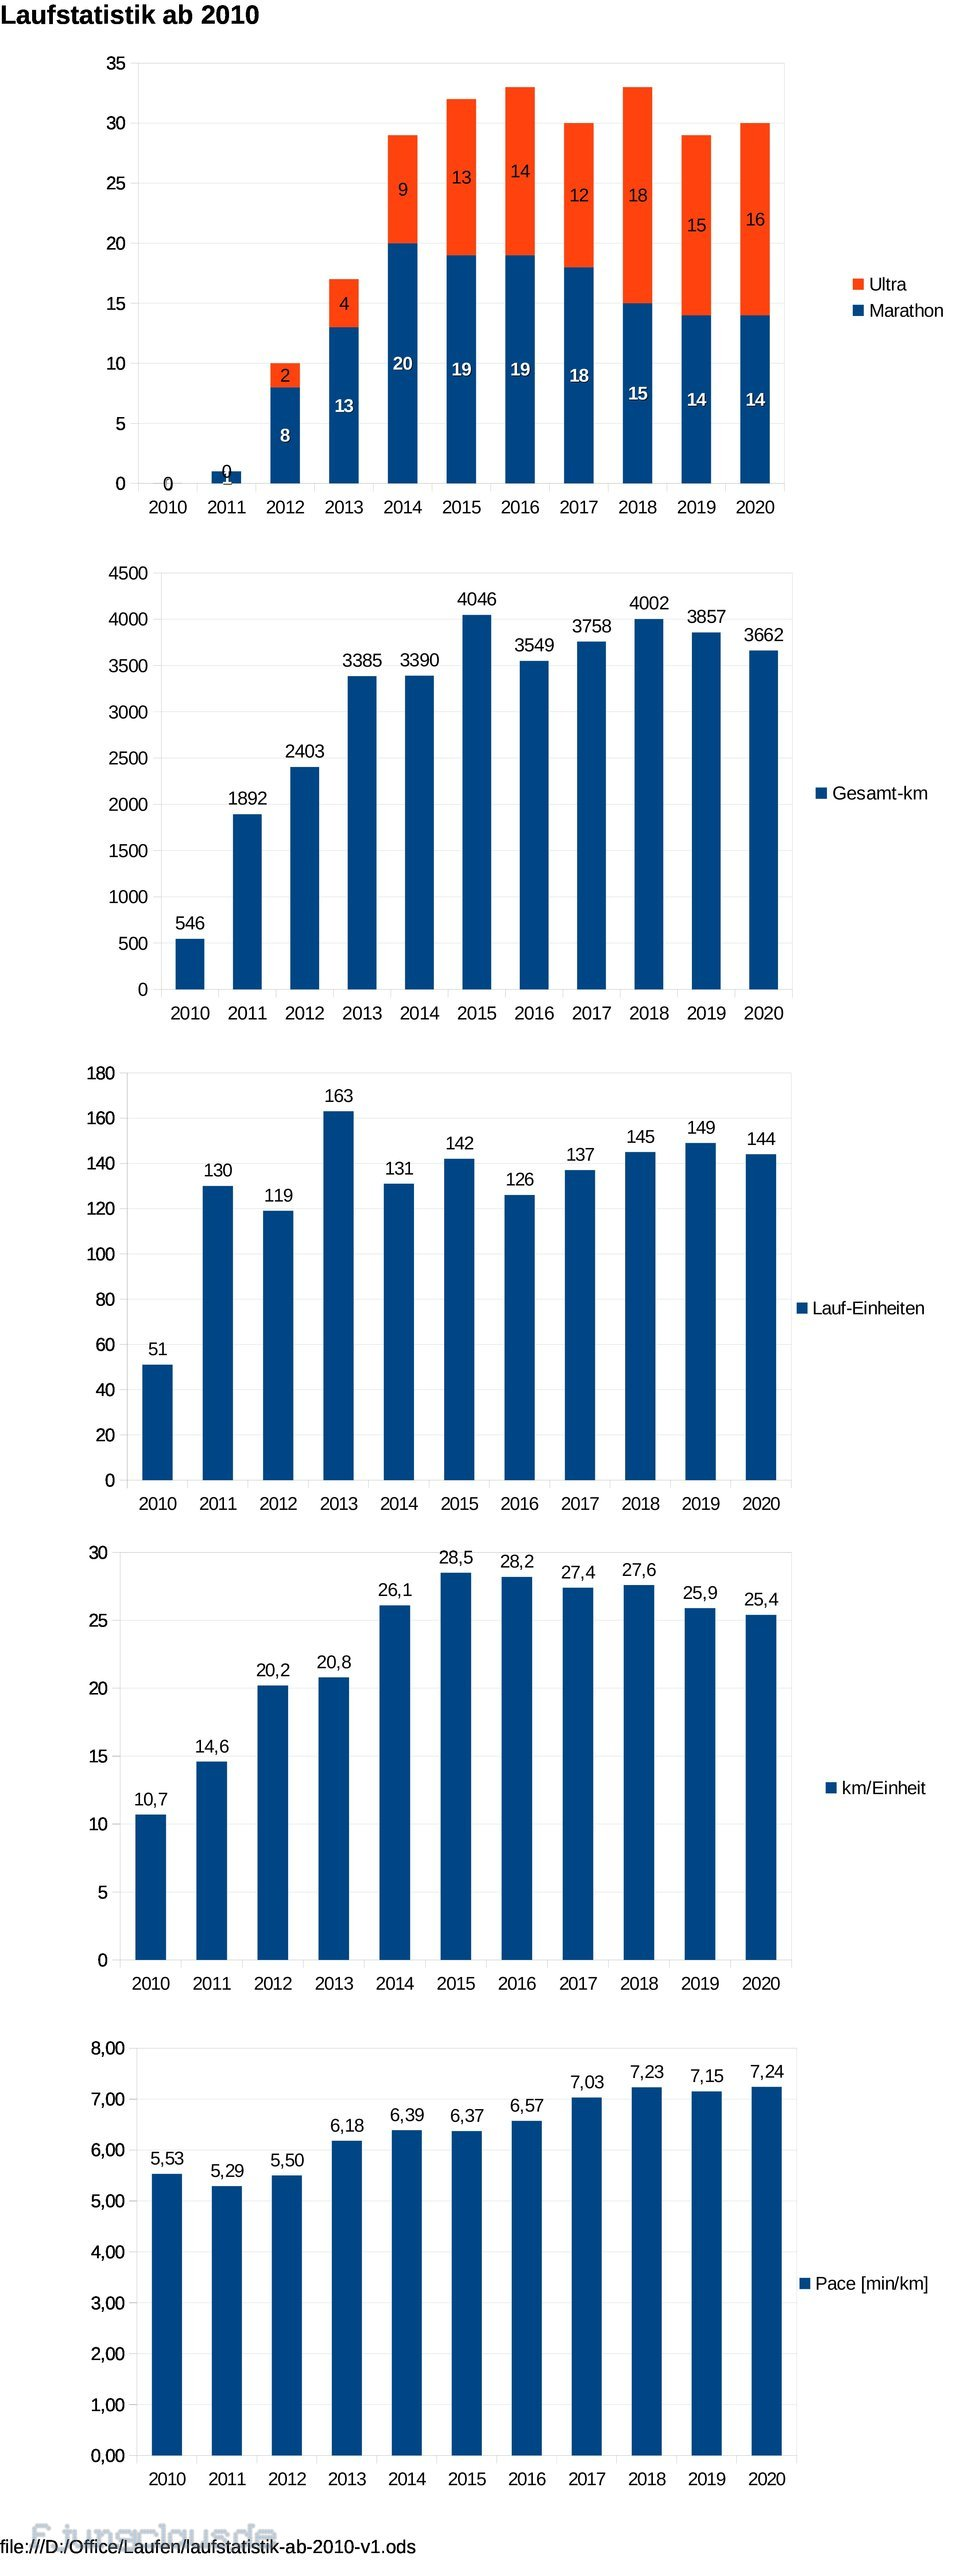 Laufstatistik 2010 - 2020